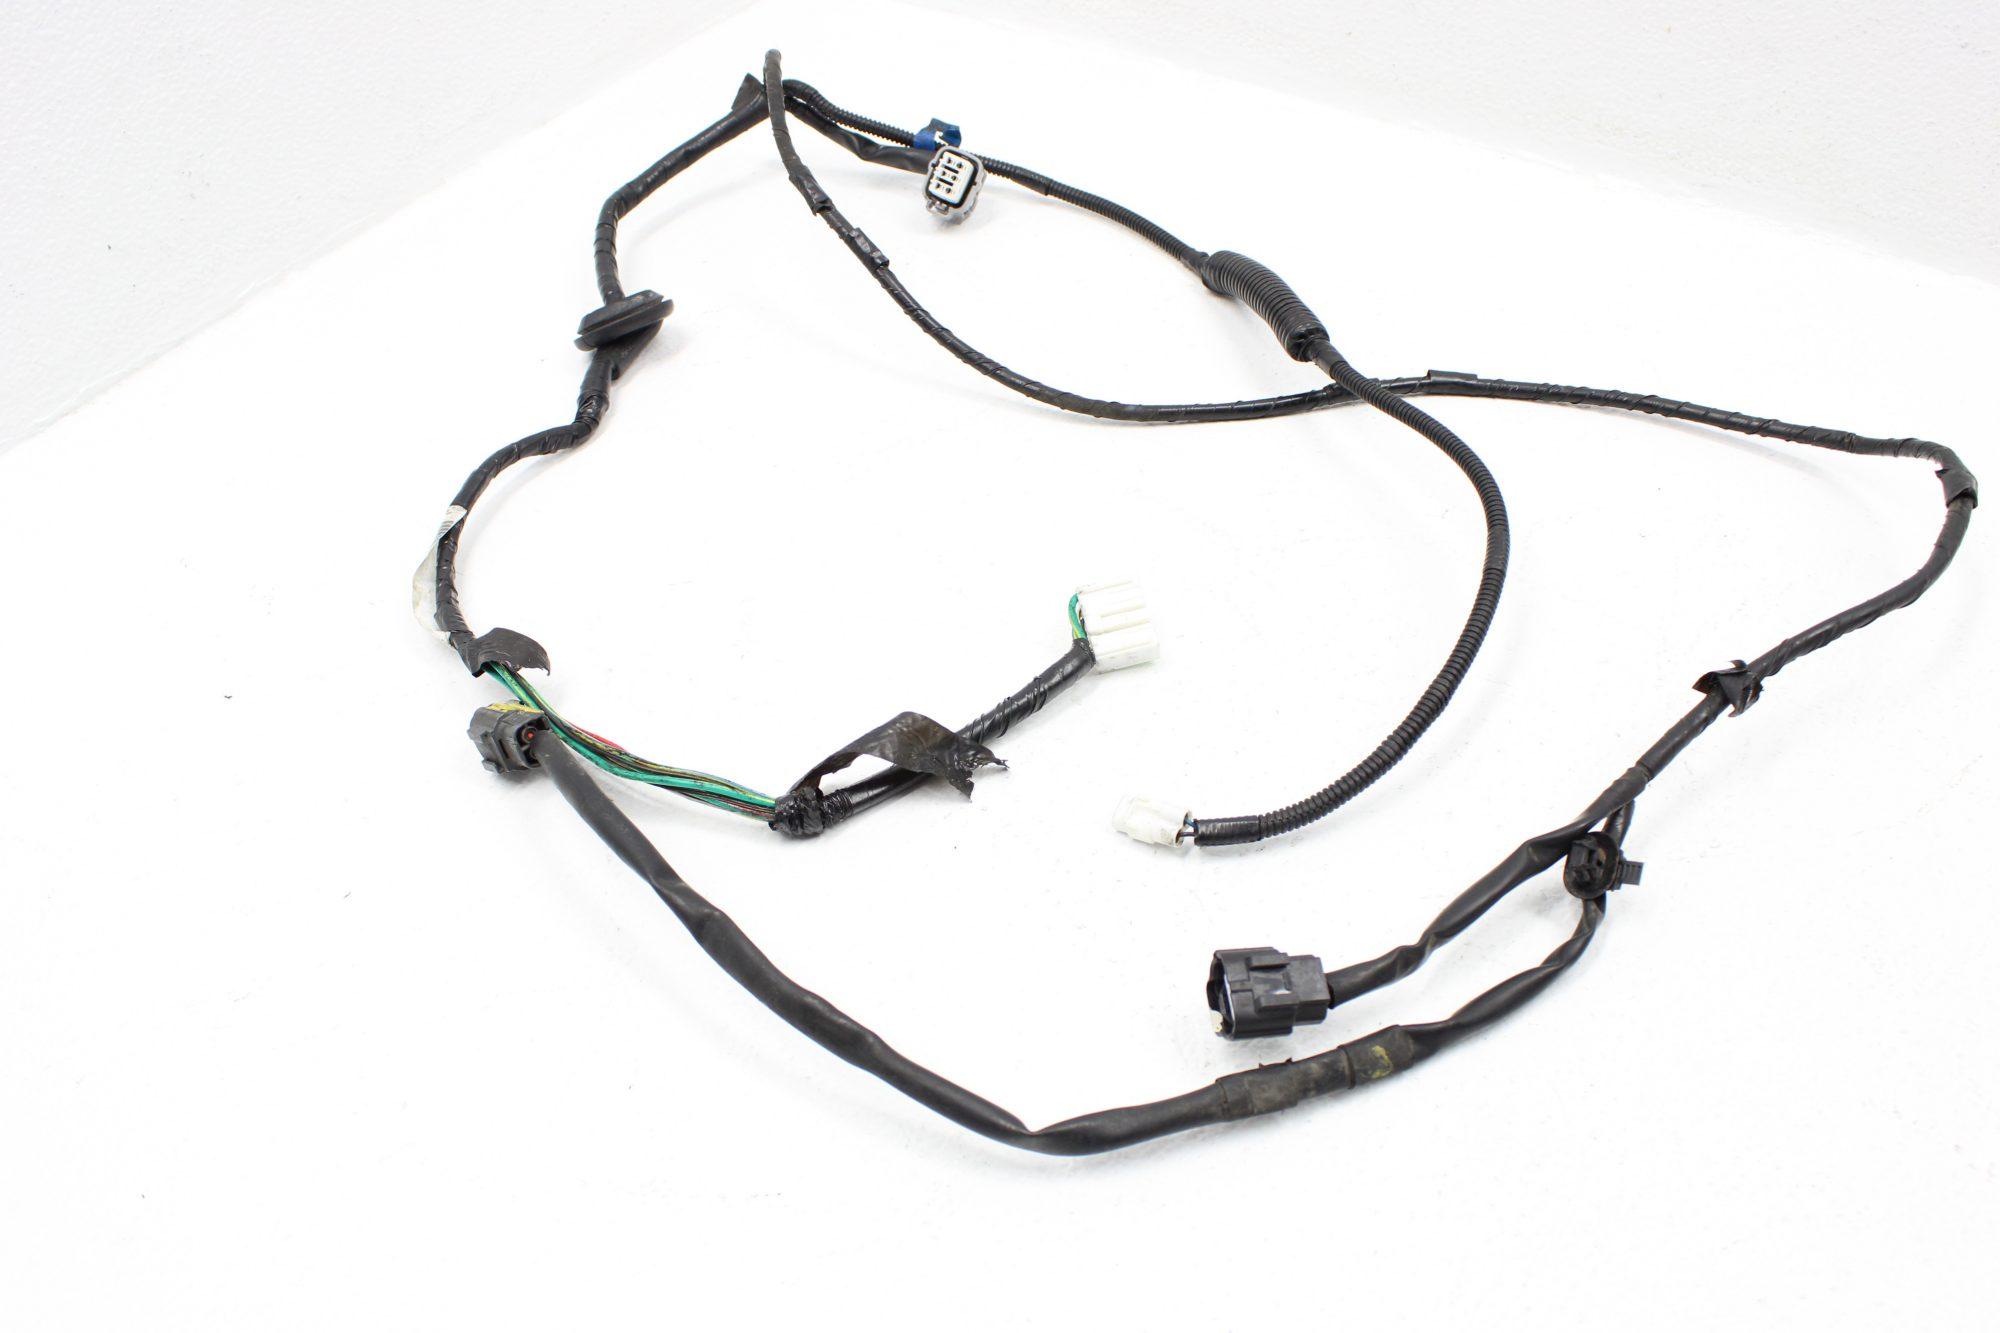 Subaru Wrx Sti Fuel Pump Wiring Harness Oem